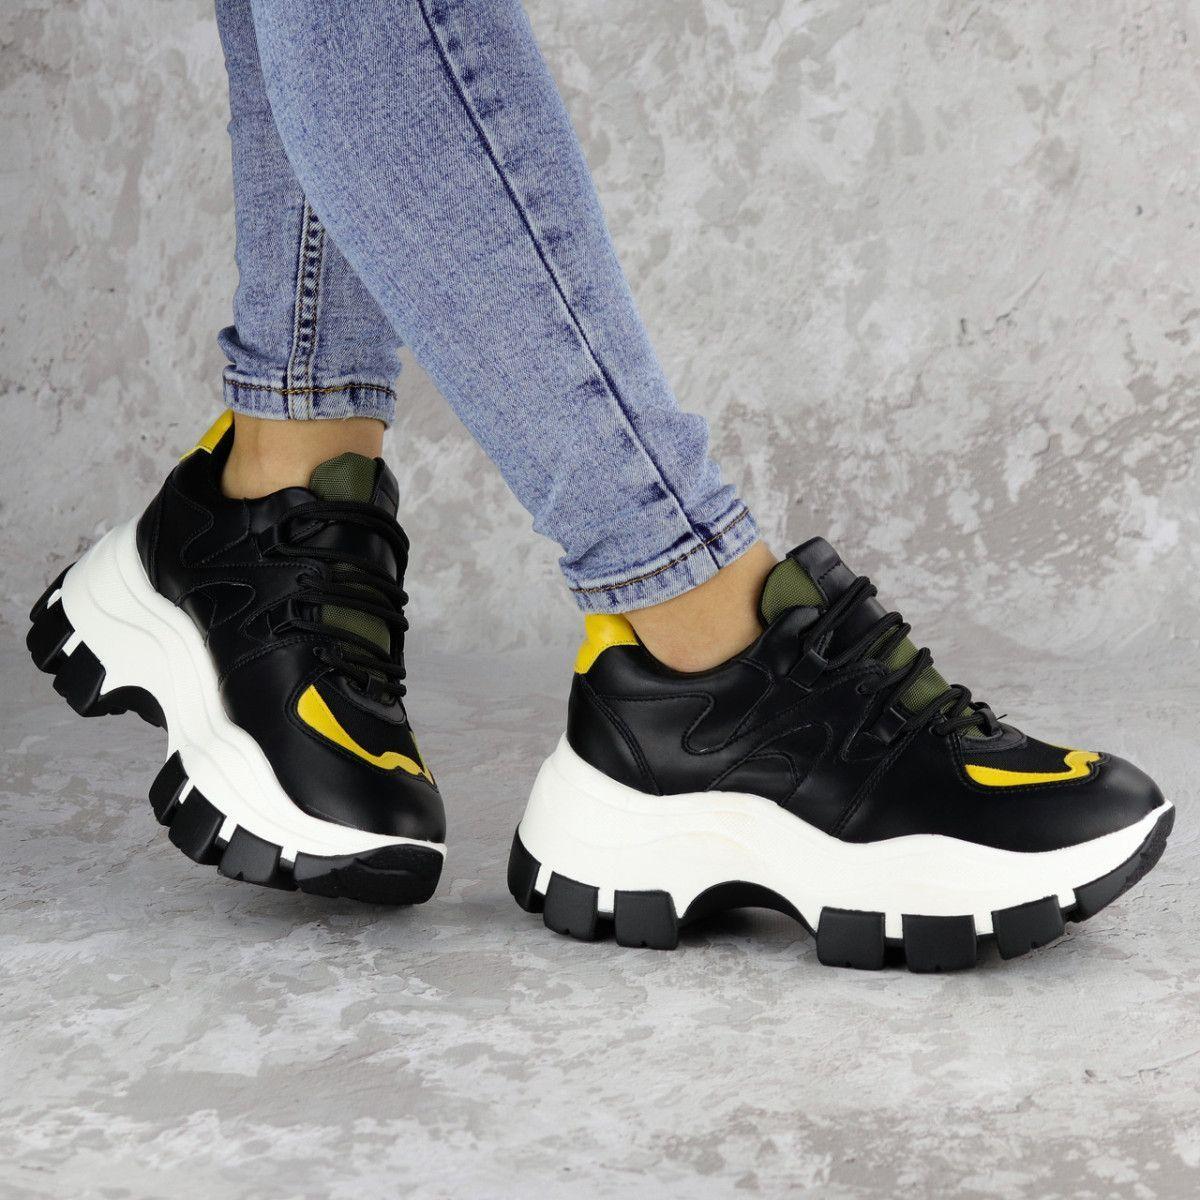 Сникеры женские Fashion Andre 2173 36 размер 22,5 см Черный